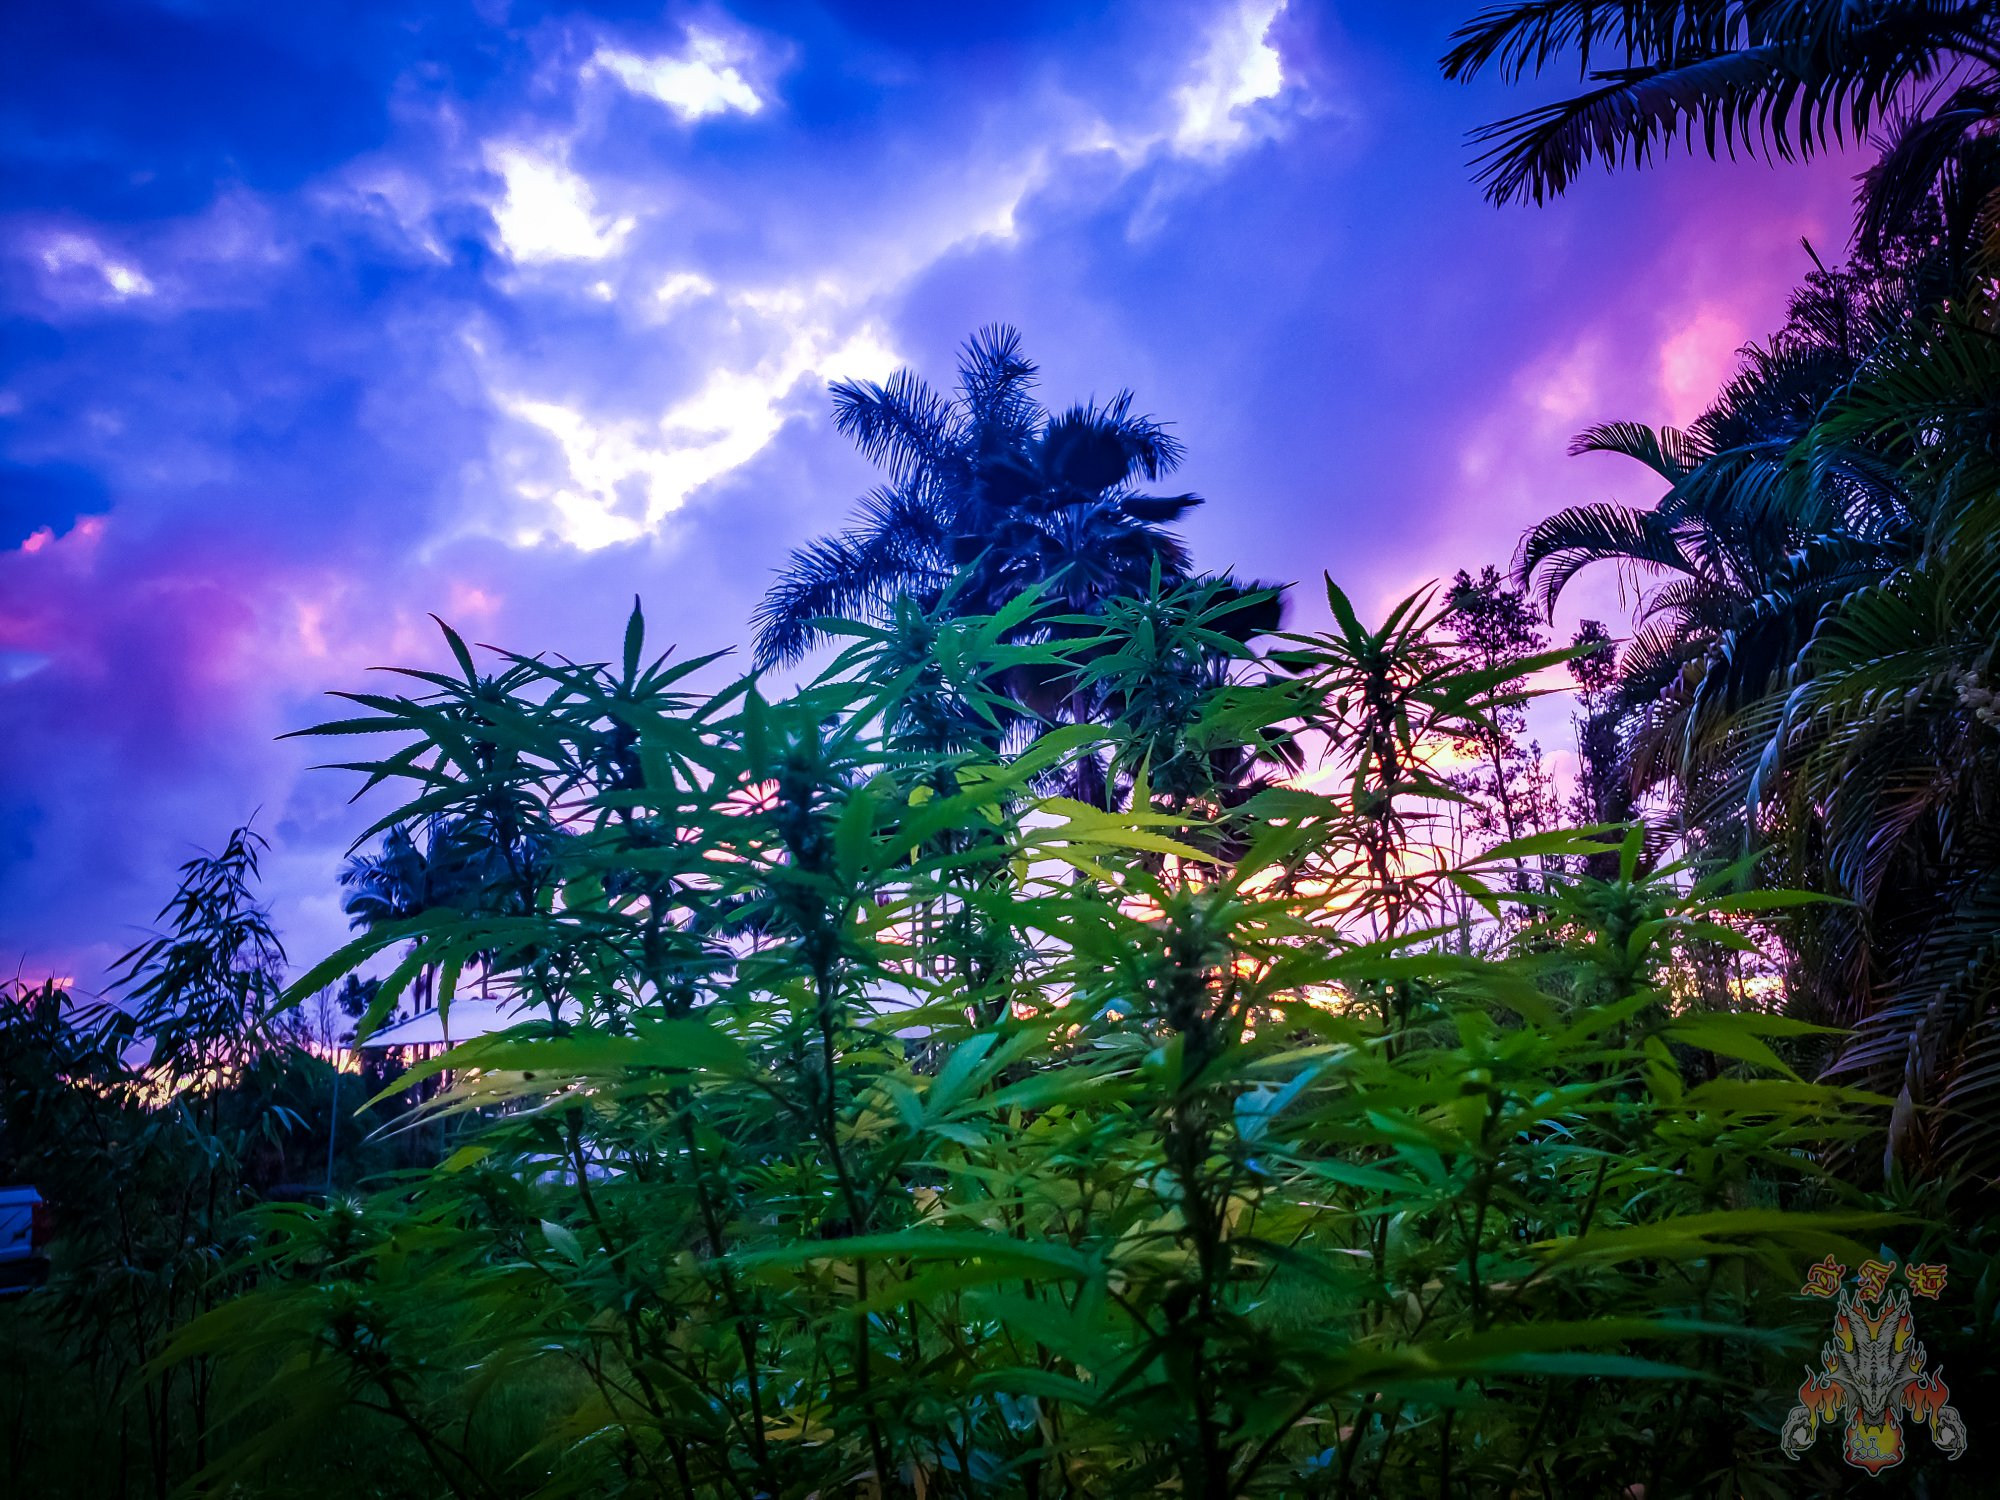 sunrise-21.jpg